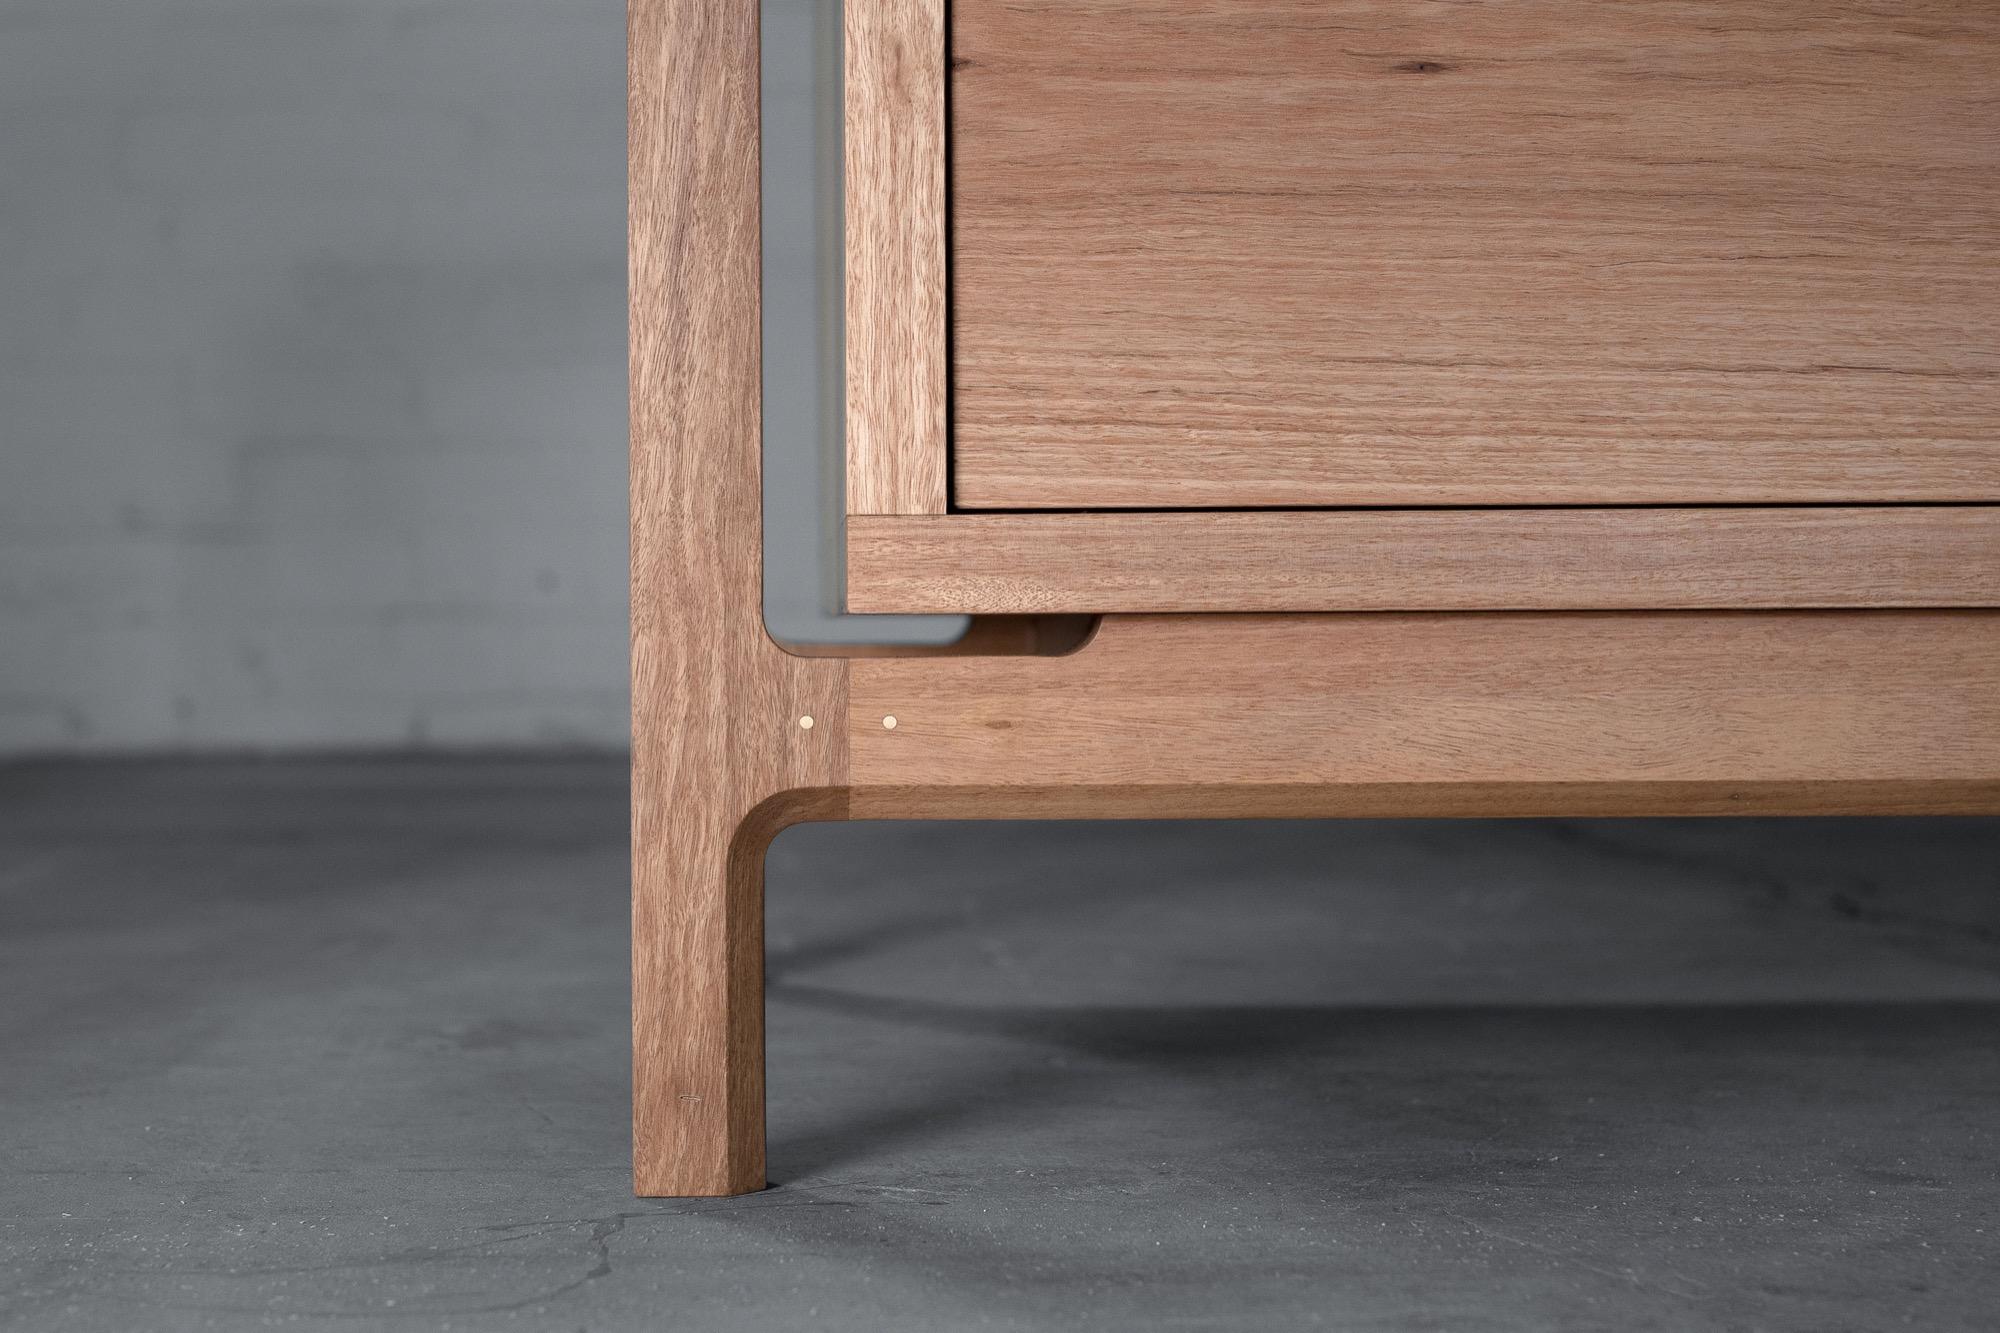 XVI Dresser by Sawdust Bureau_01